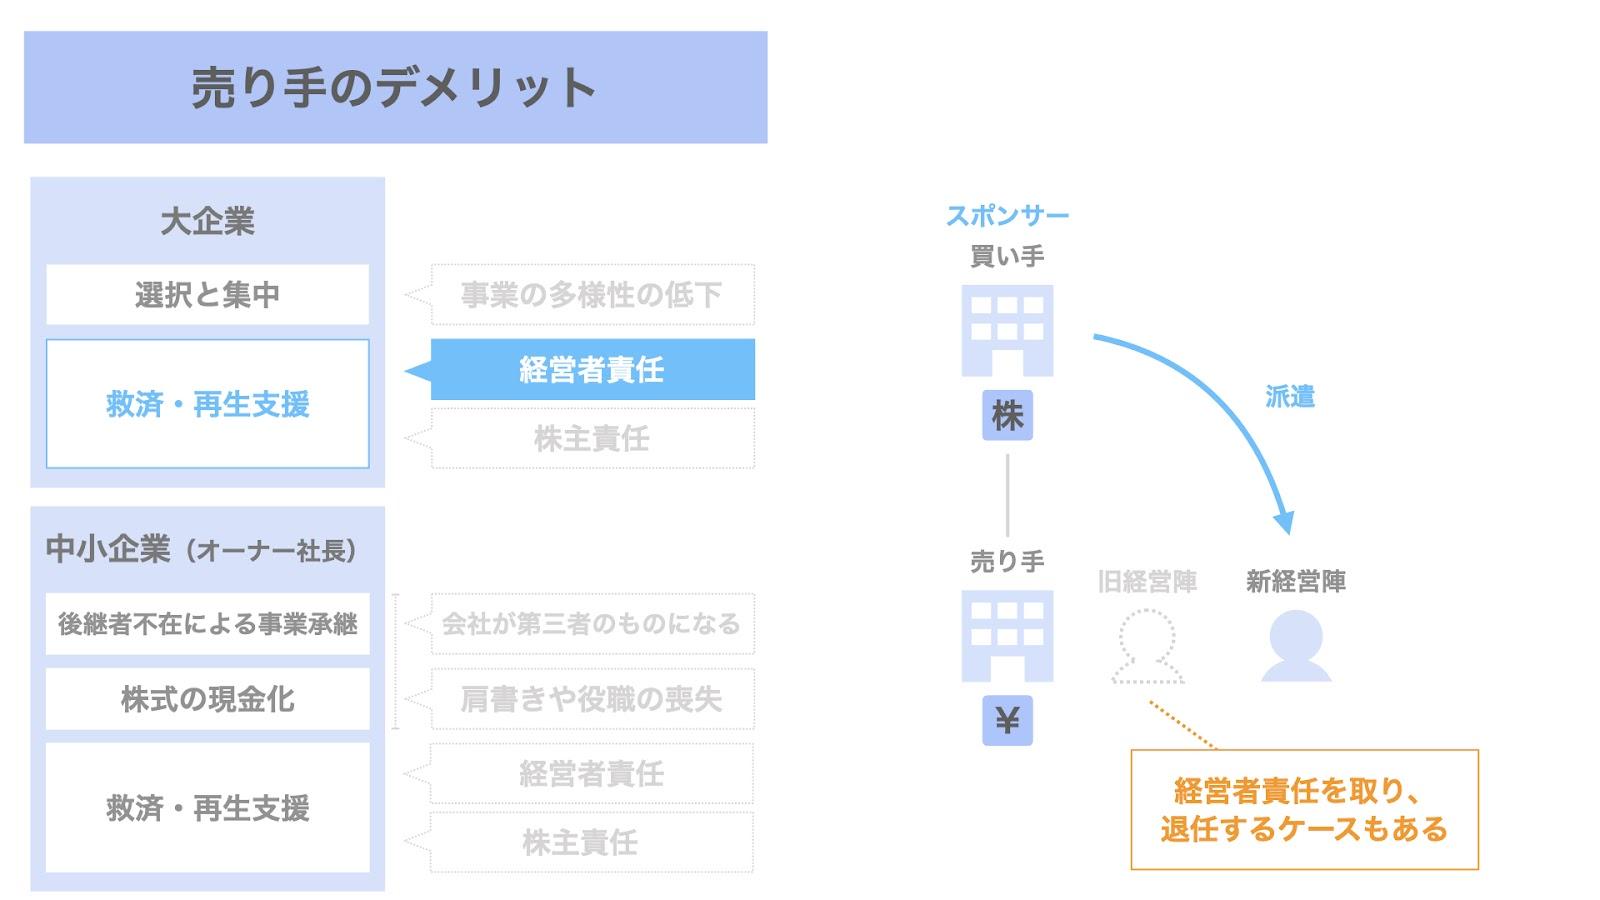 売り手(大企業)におけるM&Aのデメリット② 救済・再生支援に伴う経営者責任